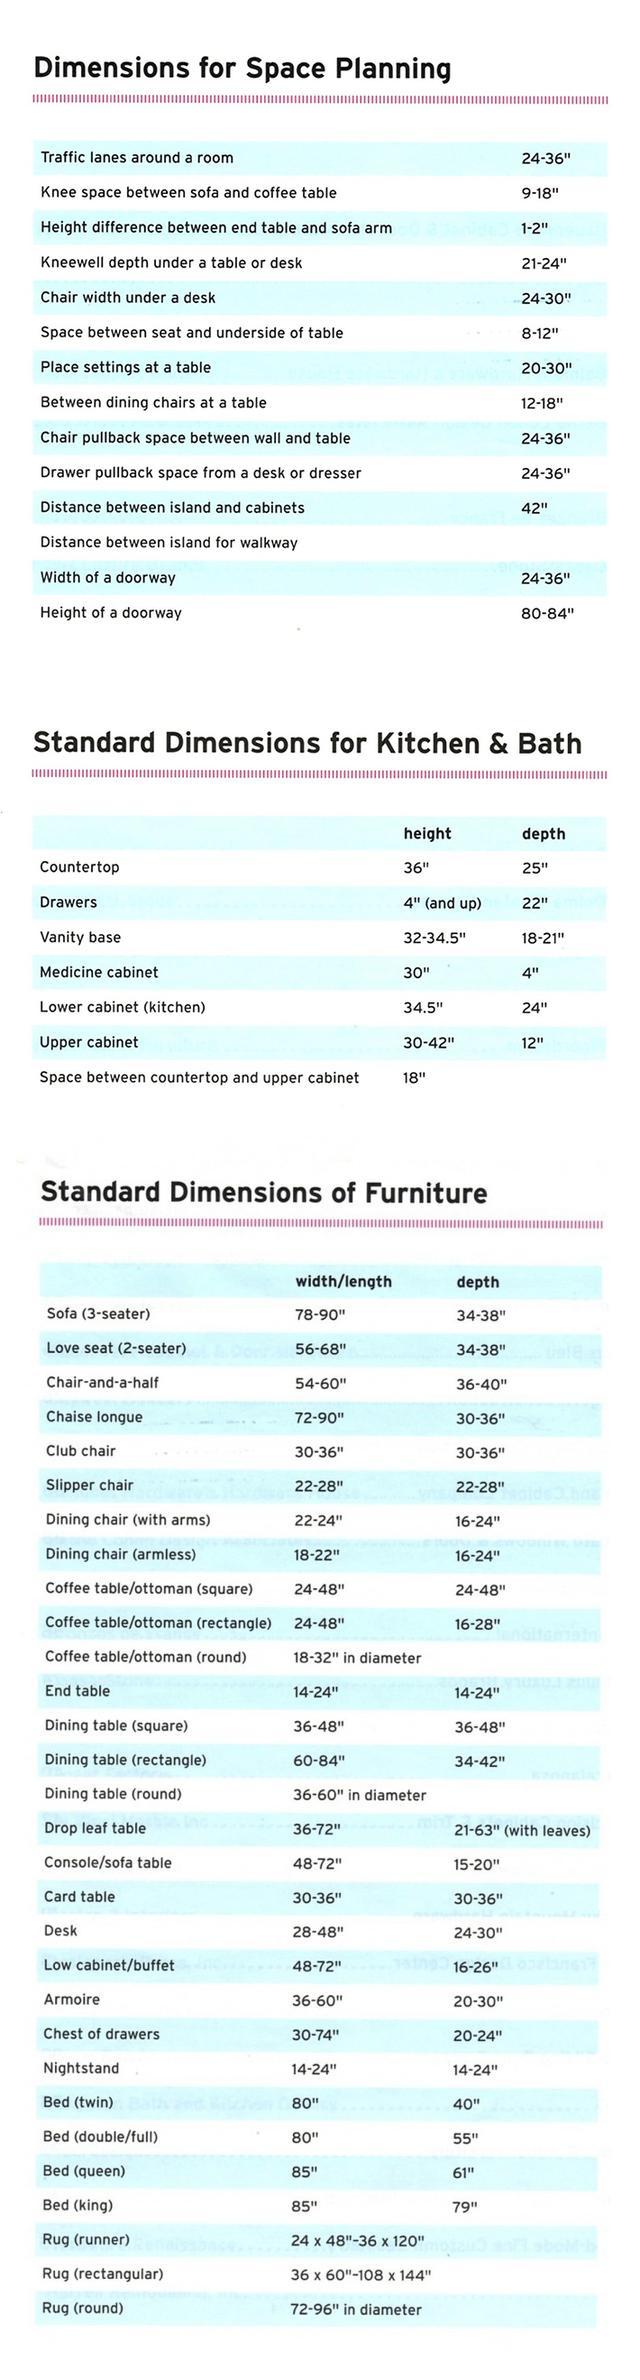 Home Dimension Cheat Sheet